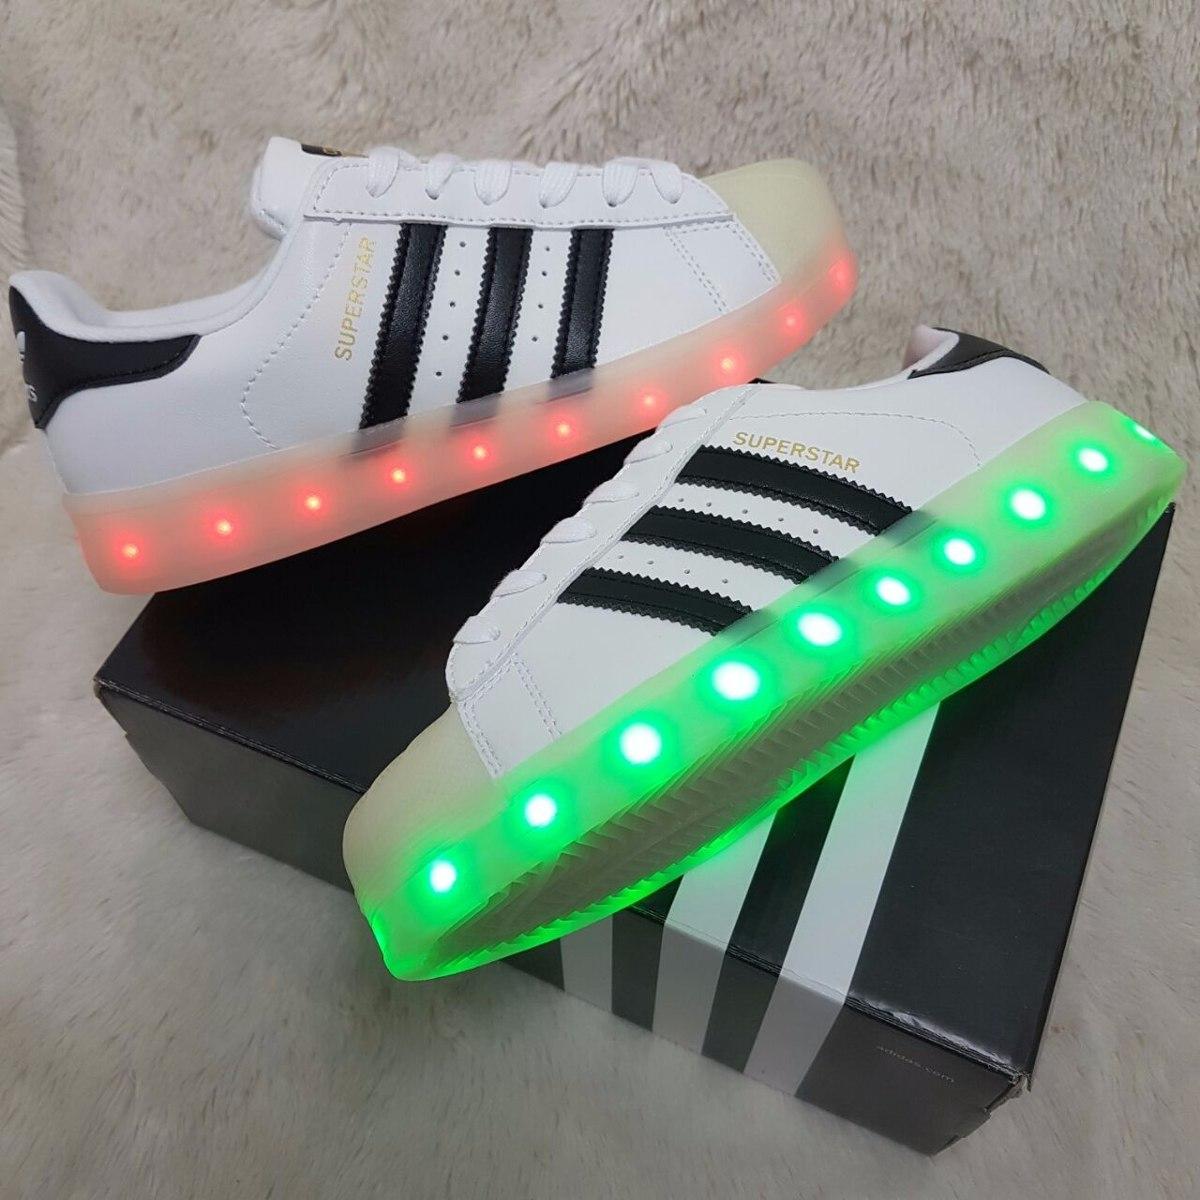 Superstar Zapatillas Tenis Caballero Y Led Dama Luces Adidas strxhBCQd